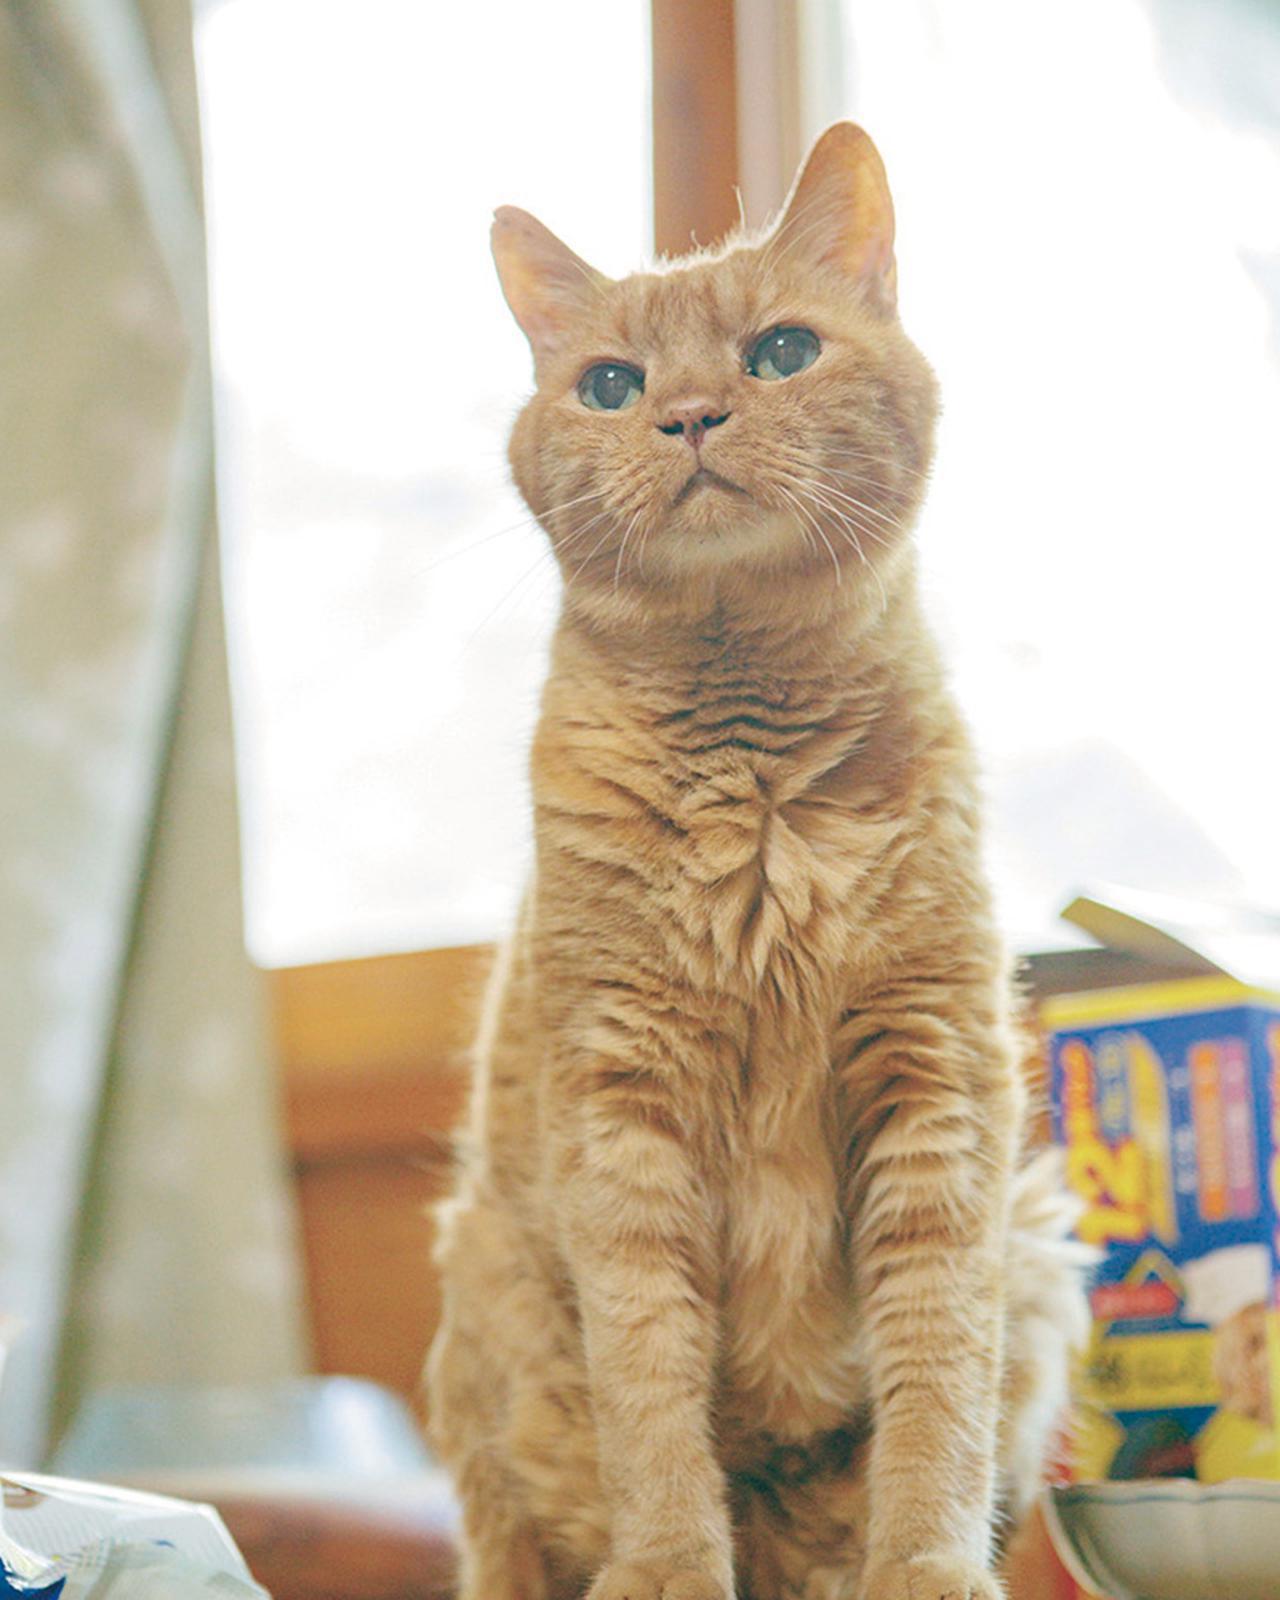 画像: 動物では最古参の猫、連太郎。御年23歳。「猫を超えた存在になっている」と言われる。猫はほかにフォスとメイの計4匹。メイは捨て猫が産んだ子猫で、ほかの子は捨て猫を引き取った